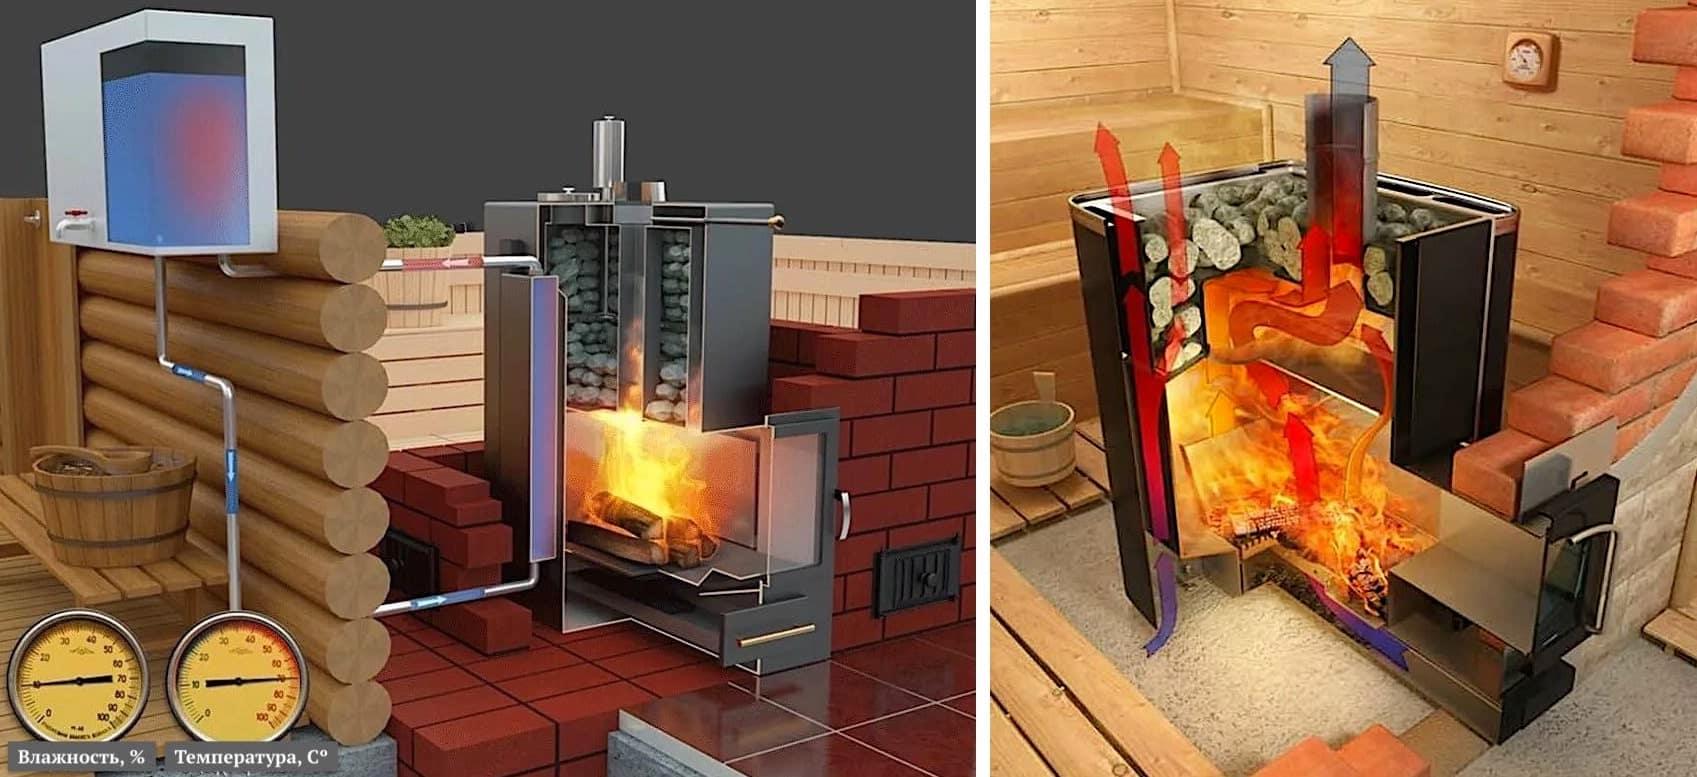 Печь с закрытой каменкой может иметь расширенный функционал: с водяным контуром ее используют и для обеспечения дома горячей водой